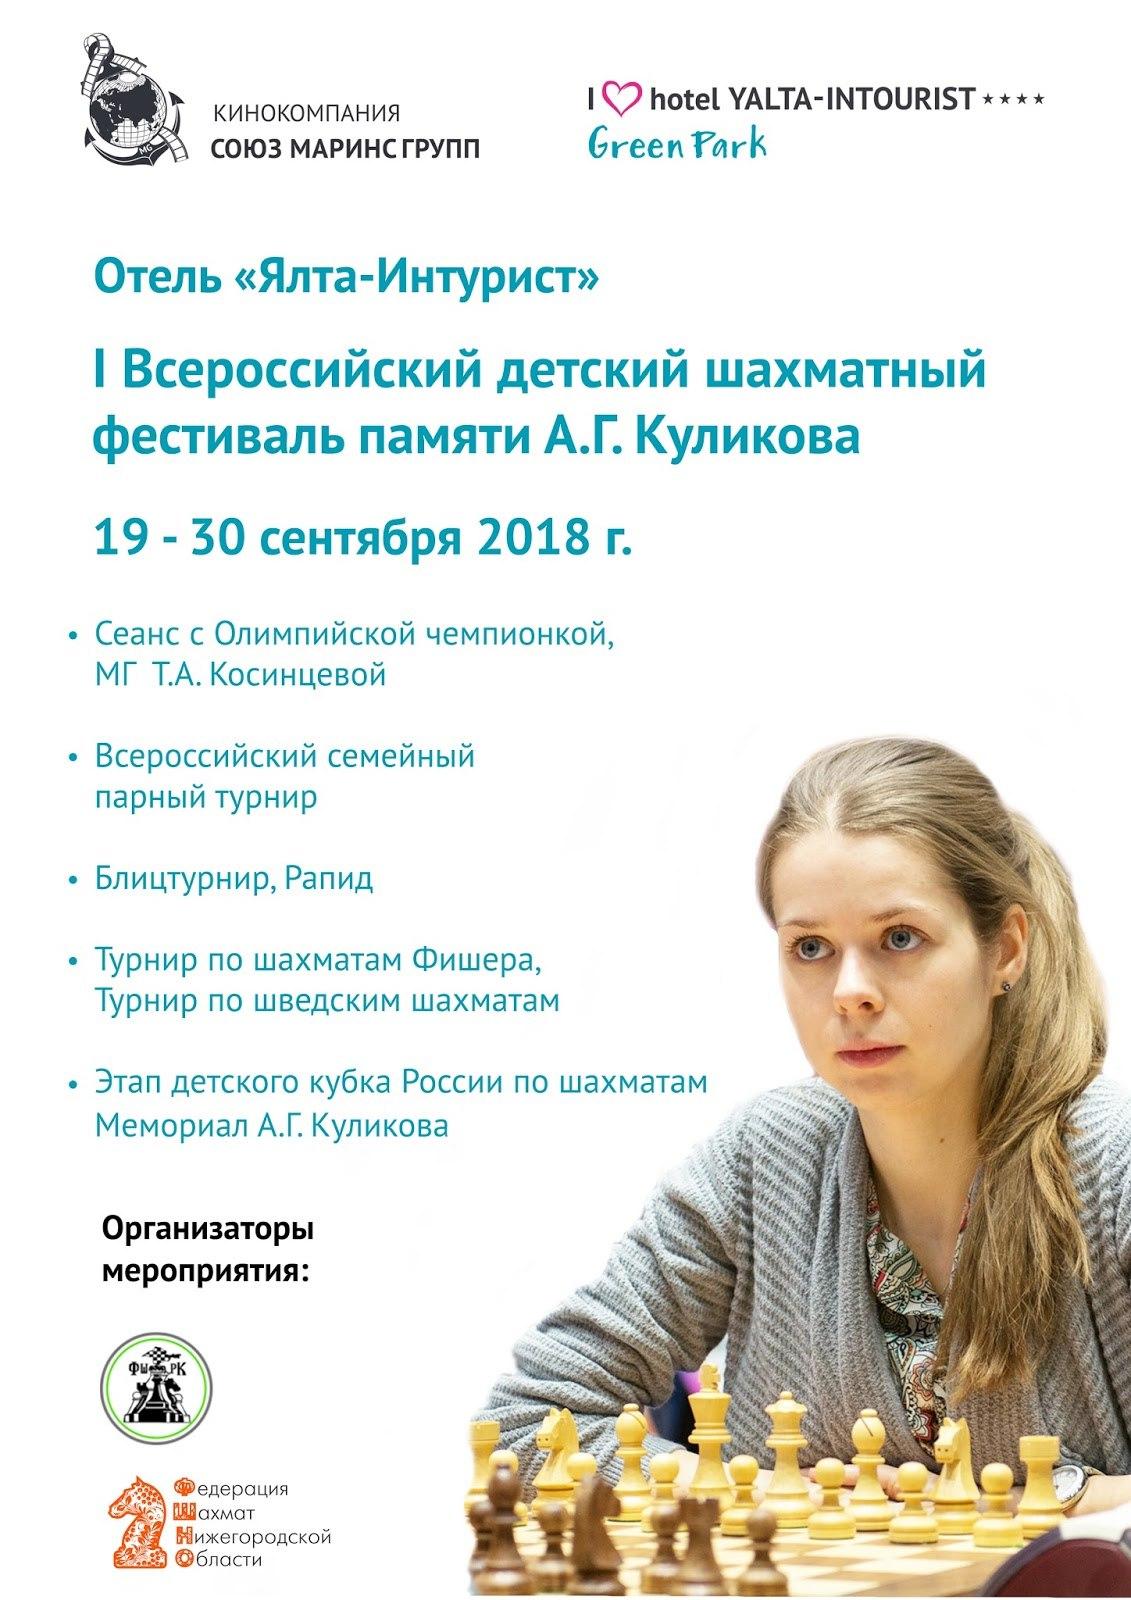 В отеле «Ялта-Интурист» состоится I Всероссийский детский шахматный фестиваль памяти А.Г. Куликова